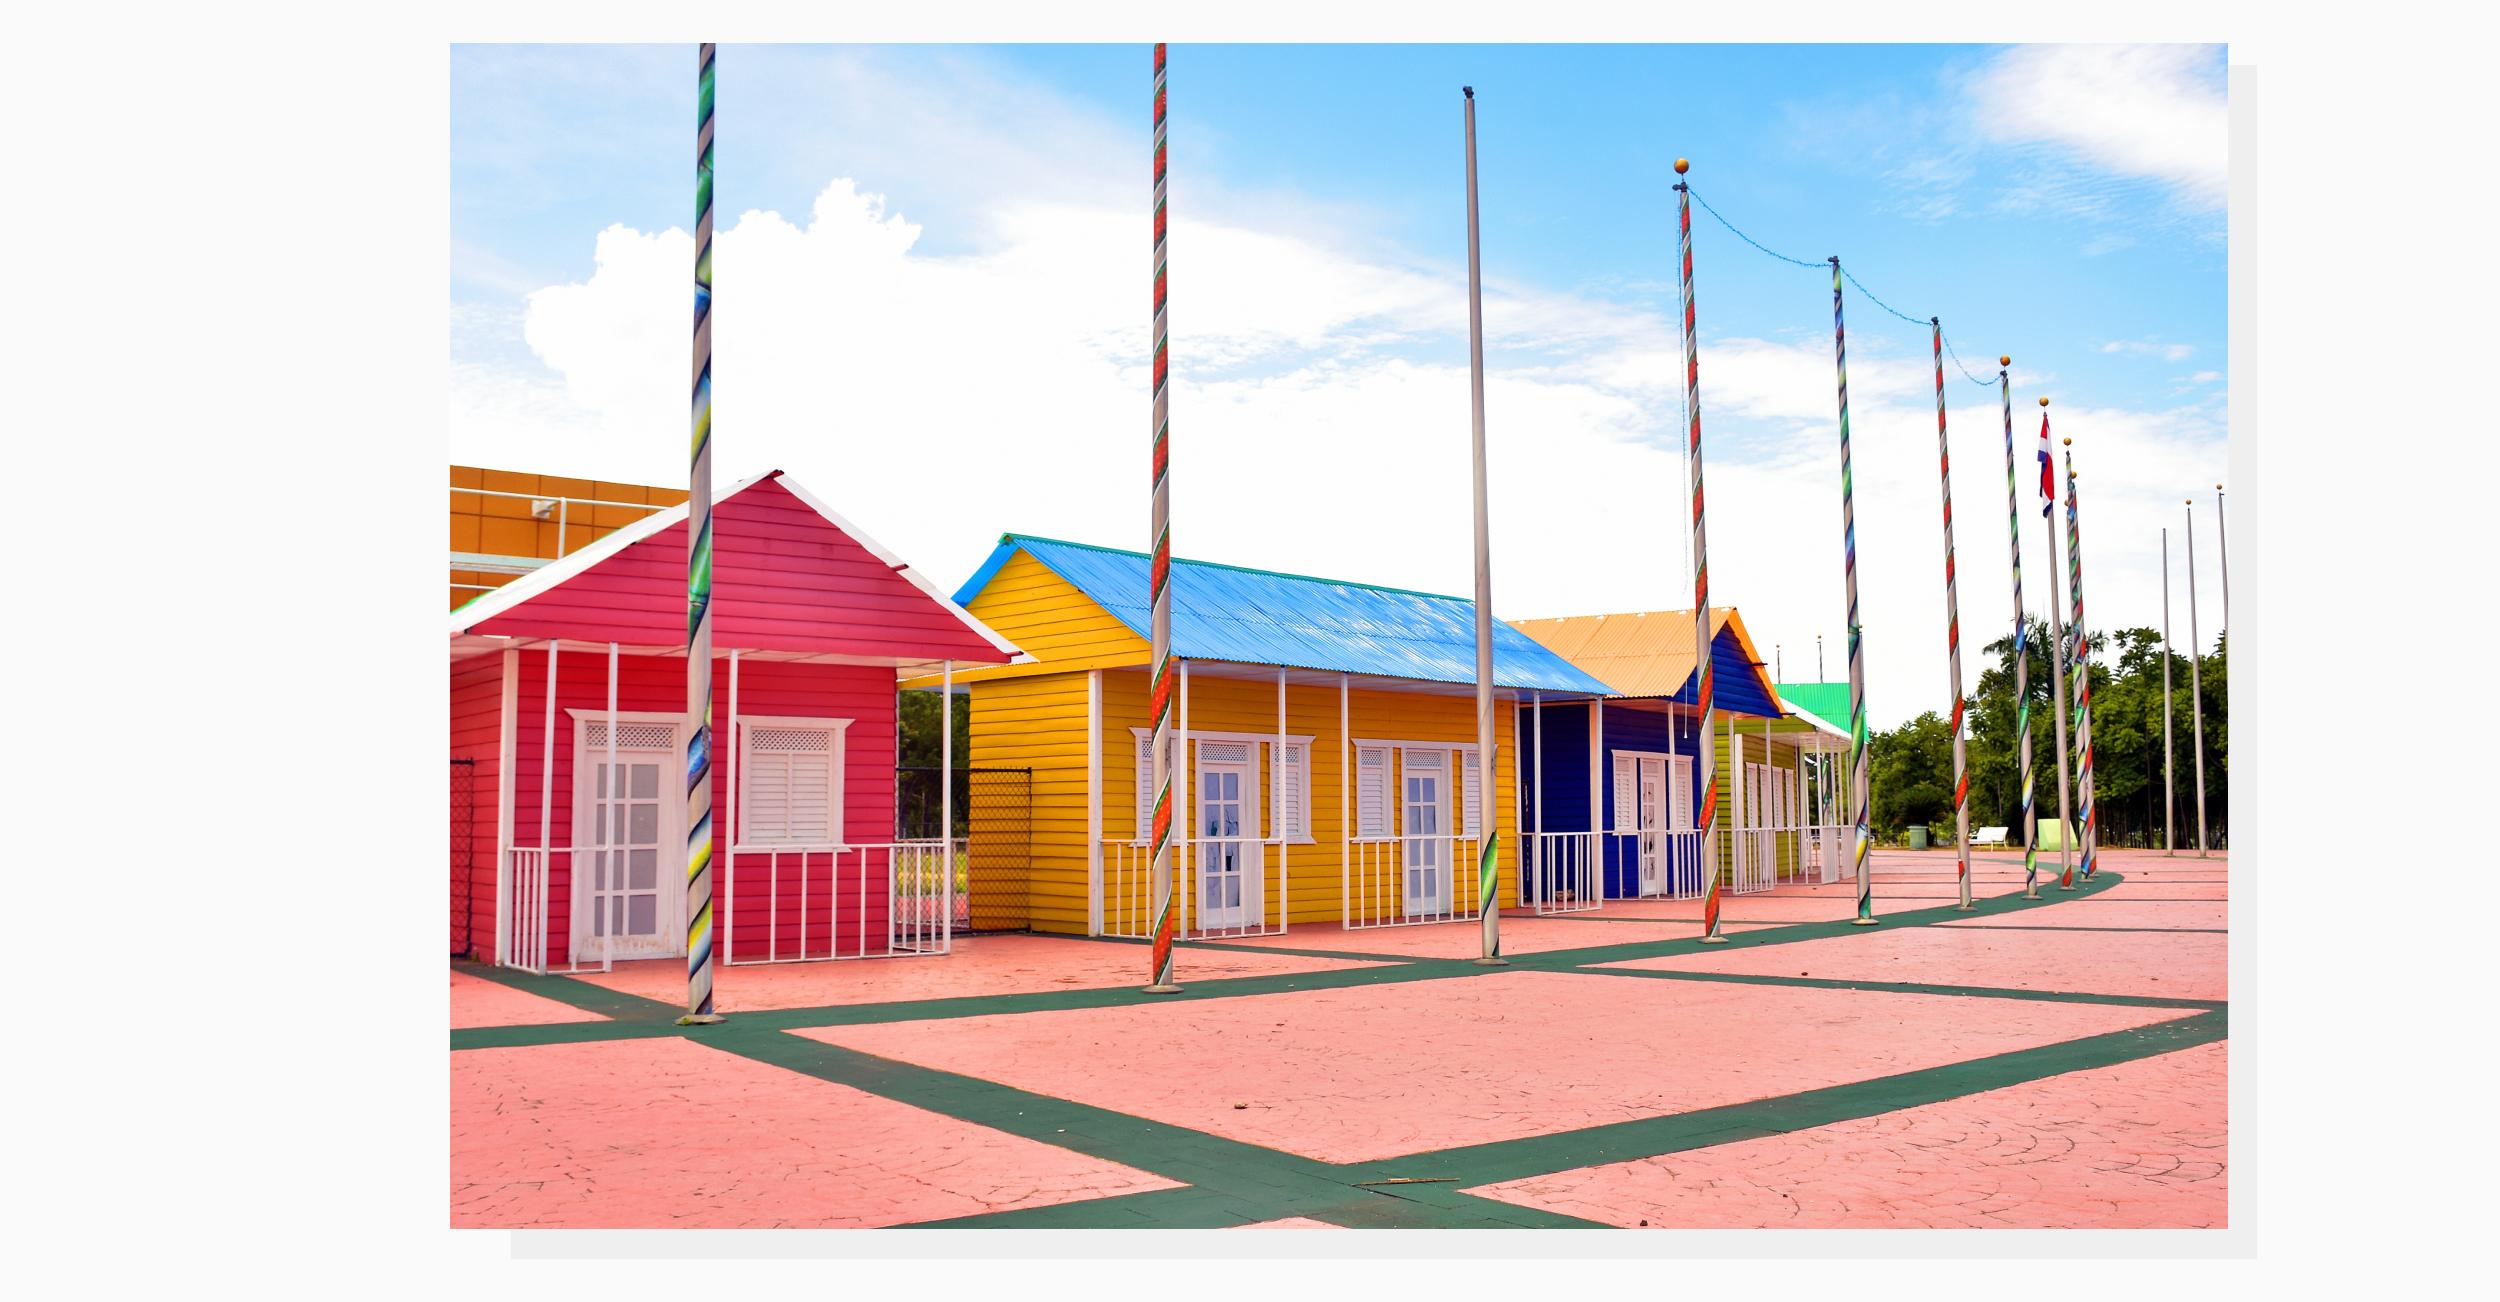 colorful house facades